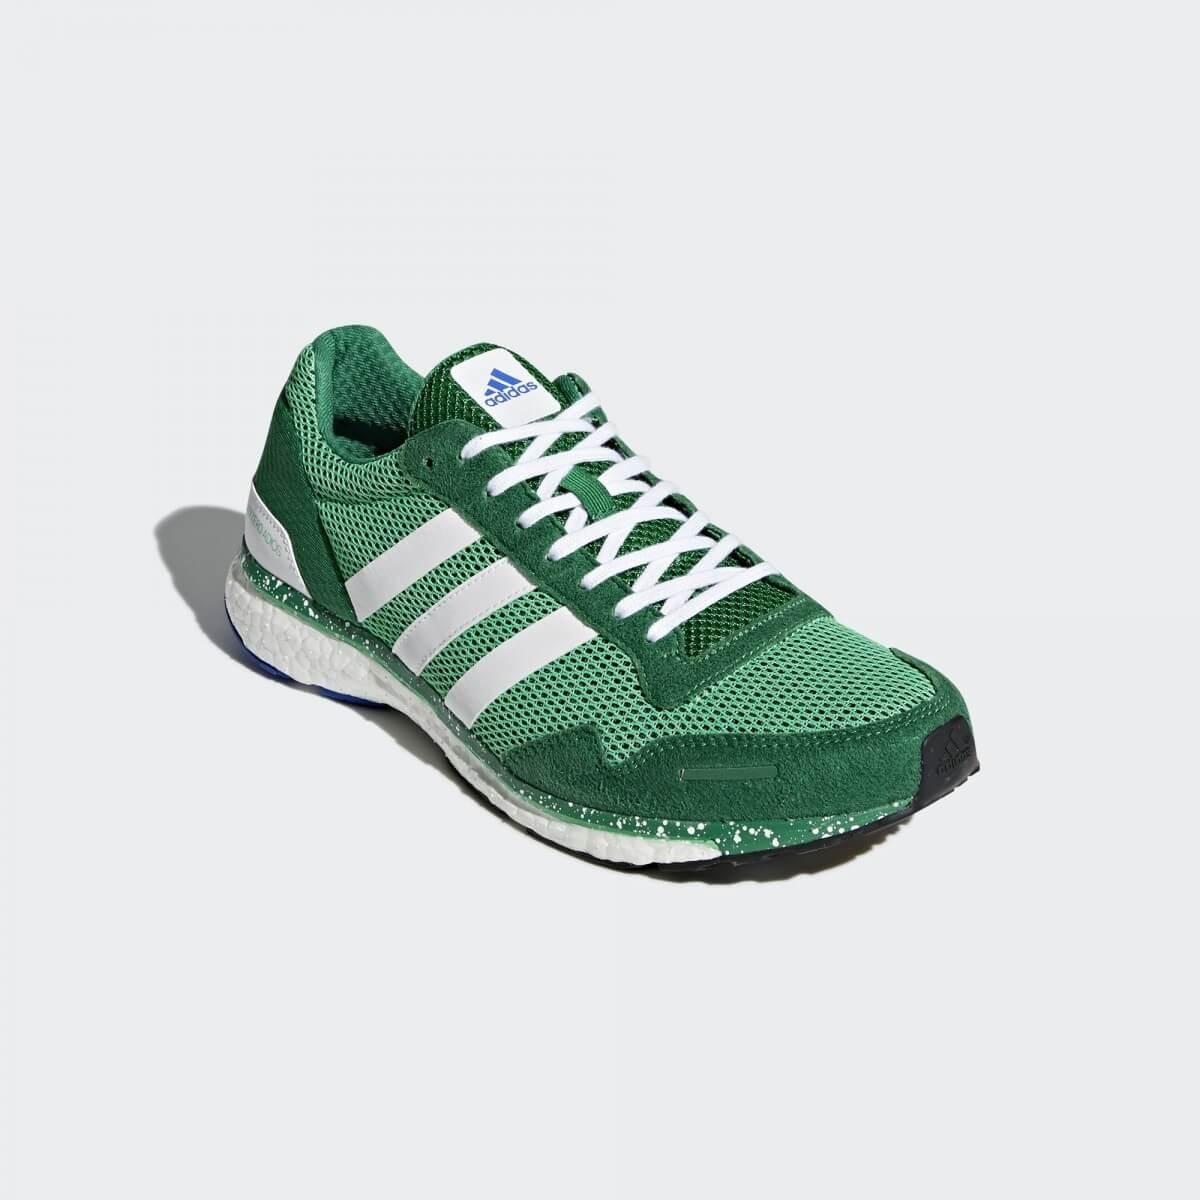 adidas adizero verdes y blancas